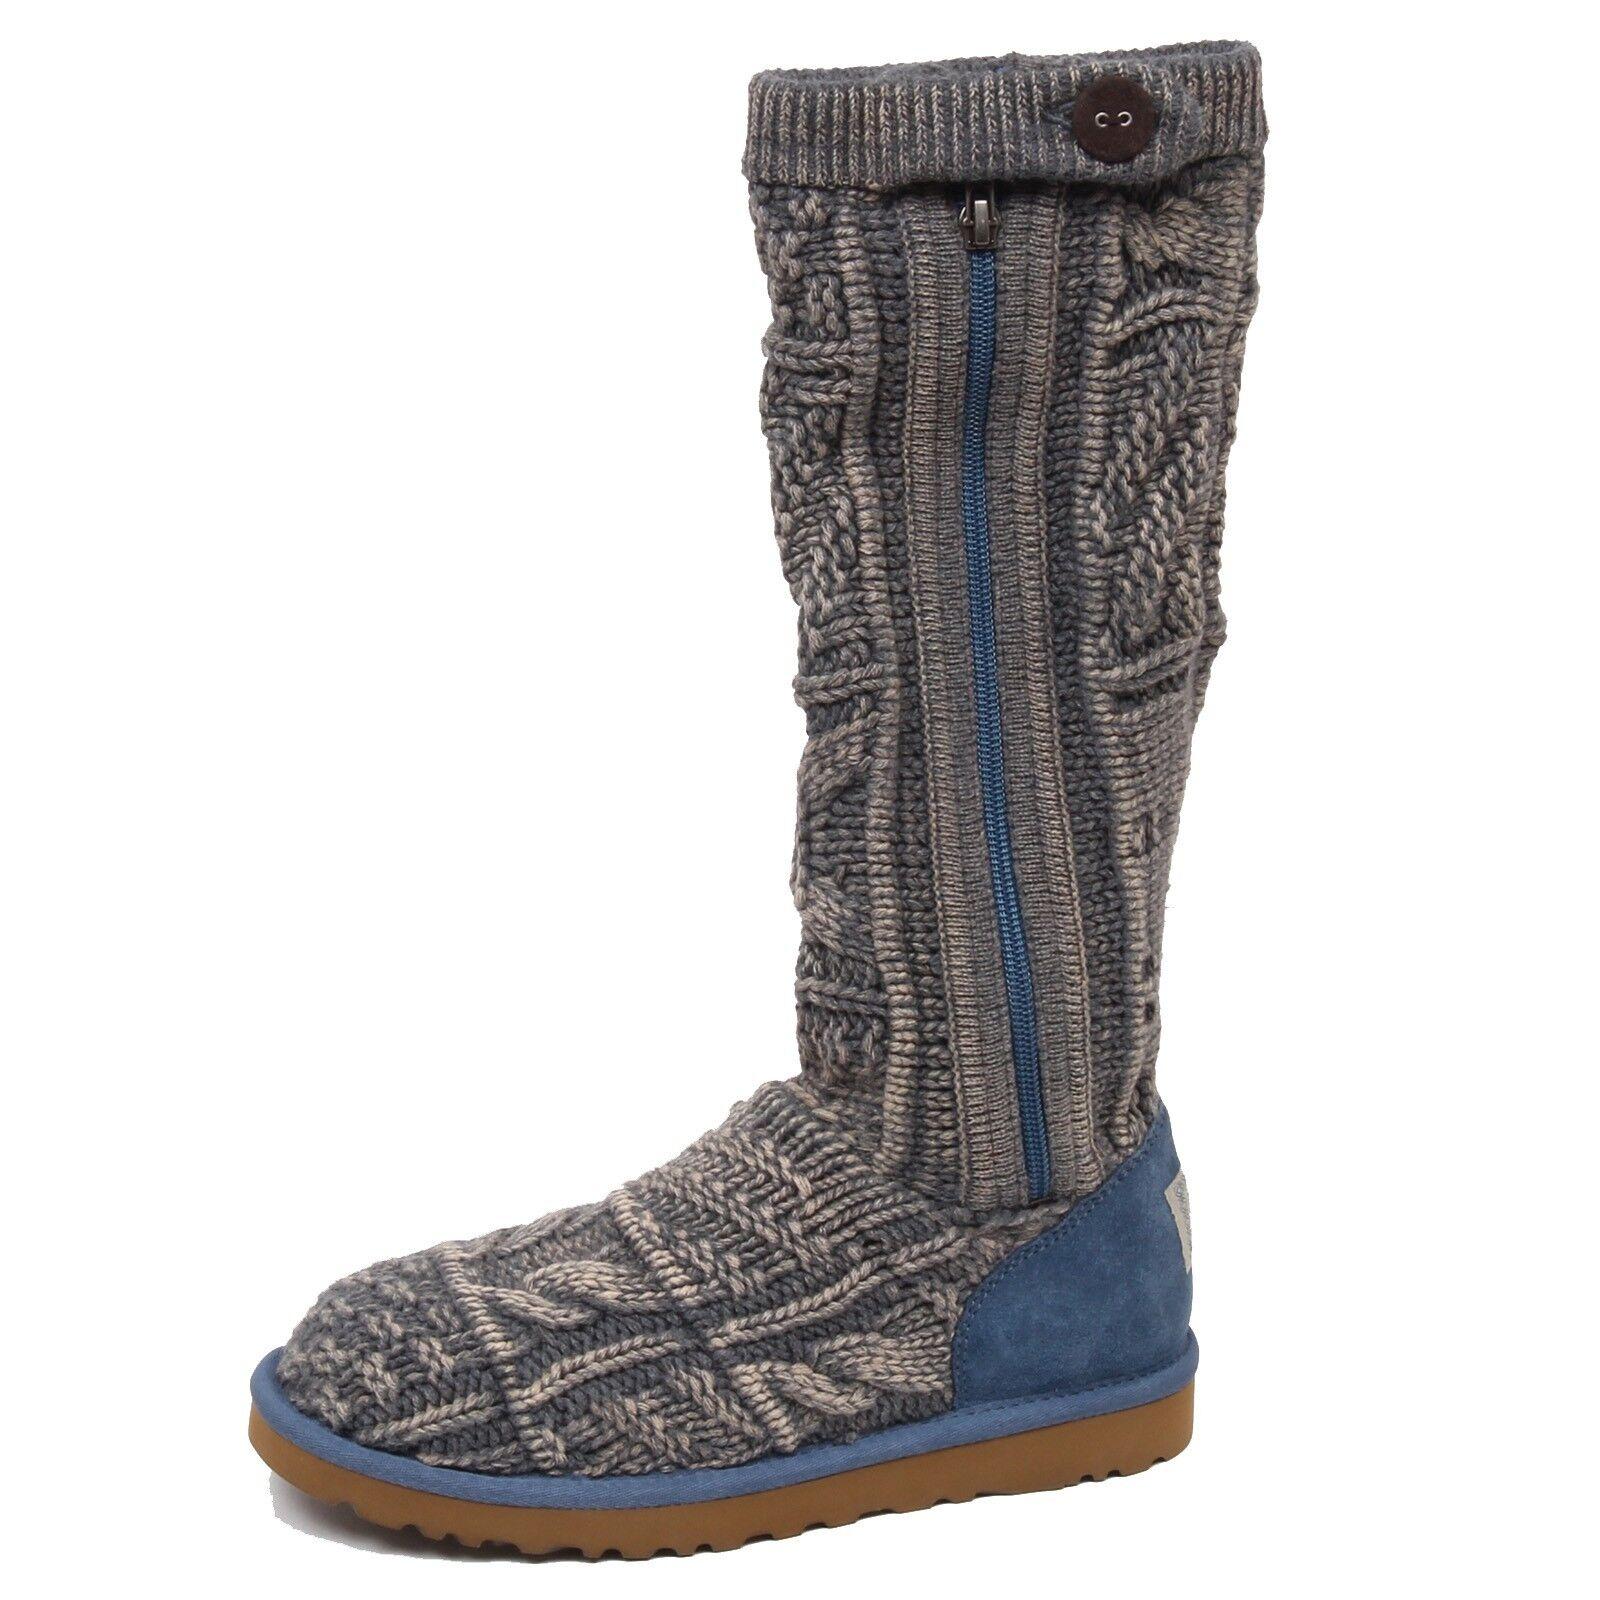 F0054 (NO BOX) stivale donna hellblau / grau UGG Scarpe Wollstiefel Schuh Frau